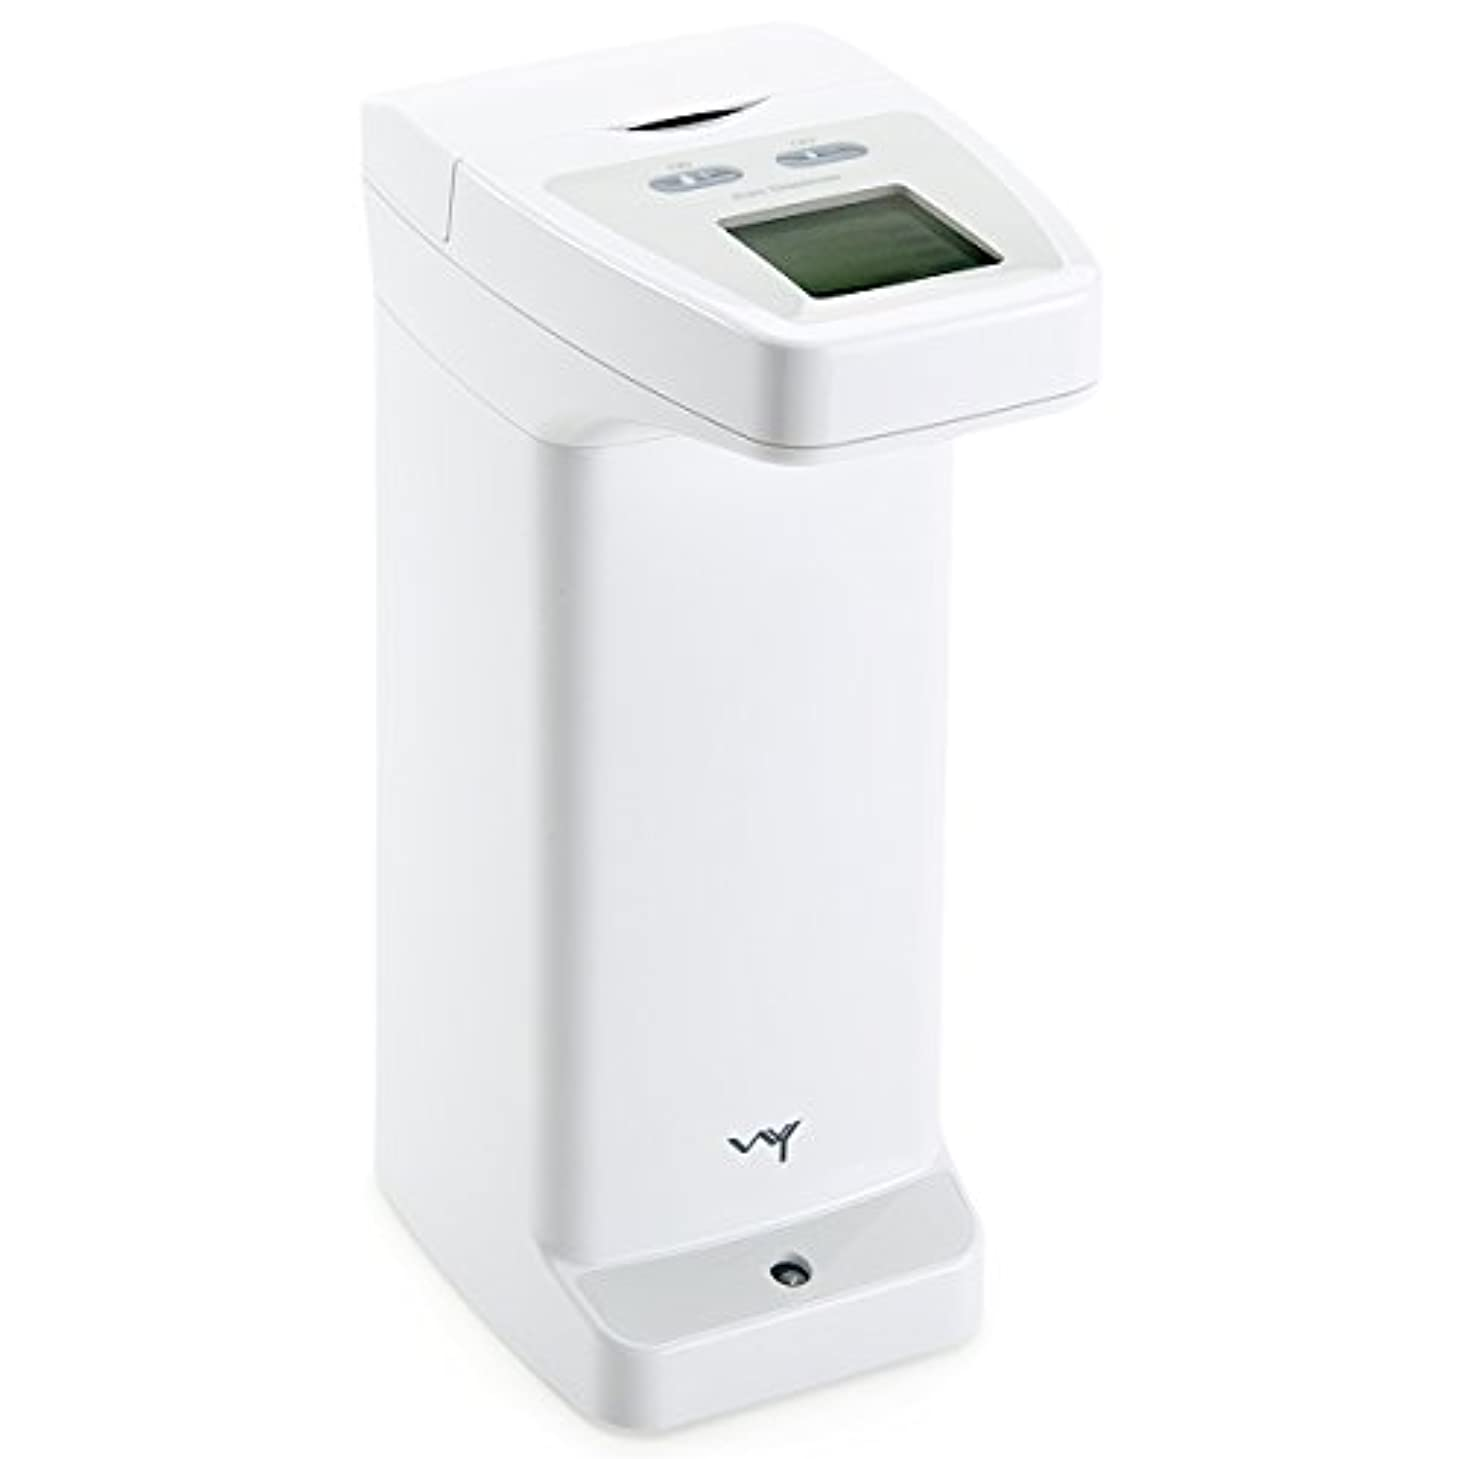 階下回転させるクリップWY 自動センサーディスペンサー 洗剤 ハンドソープ アルコール用 ソープディスペンサー 防滴 液晶付き WY-HM012